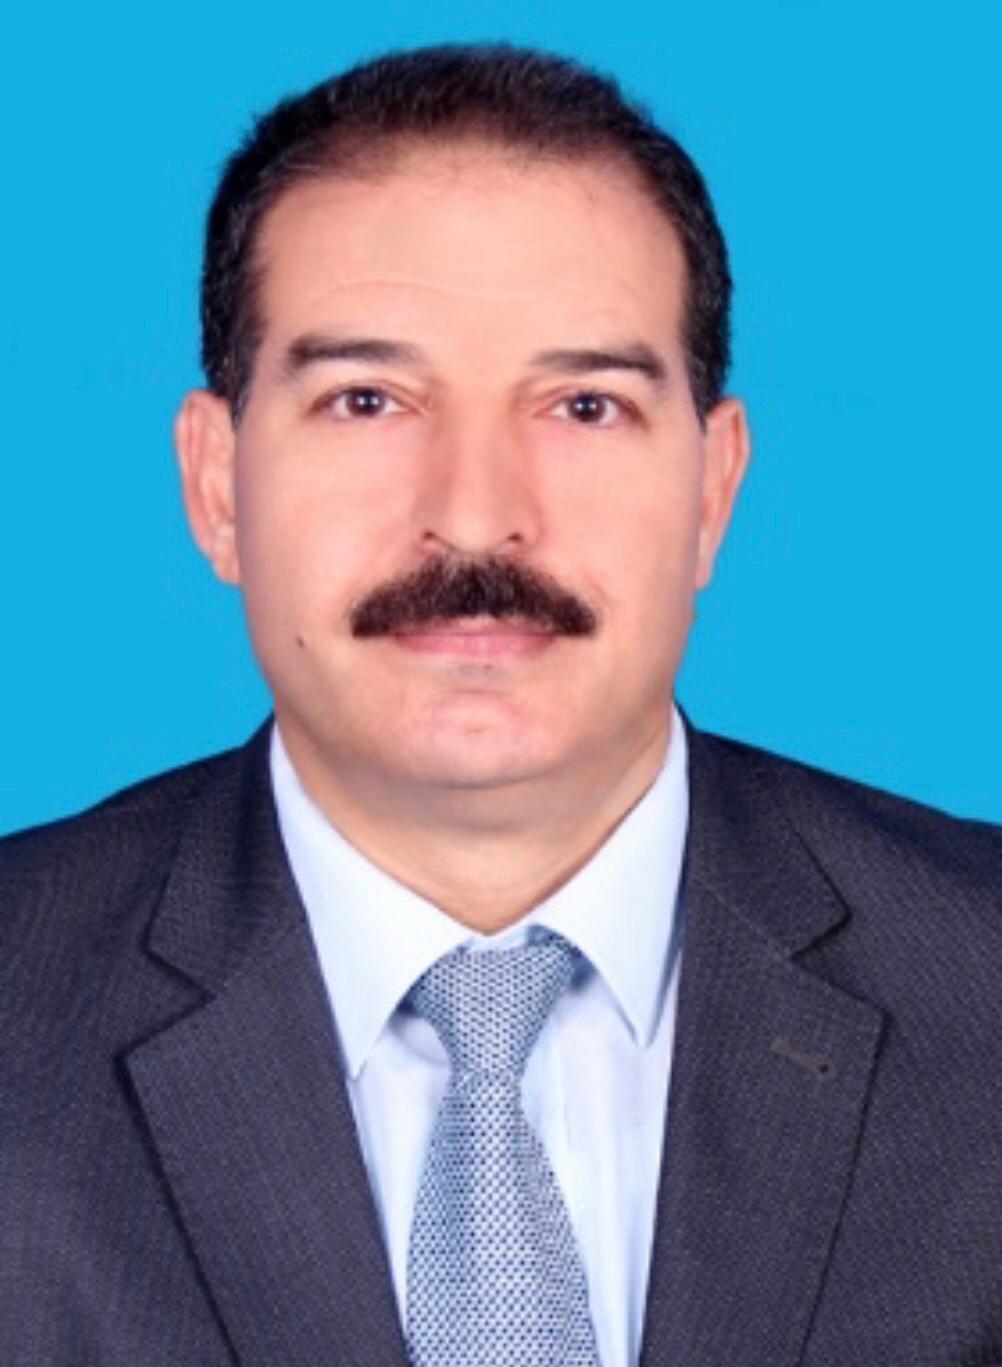 عبدالوهاب كريم العلواني